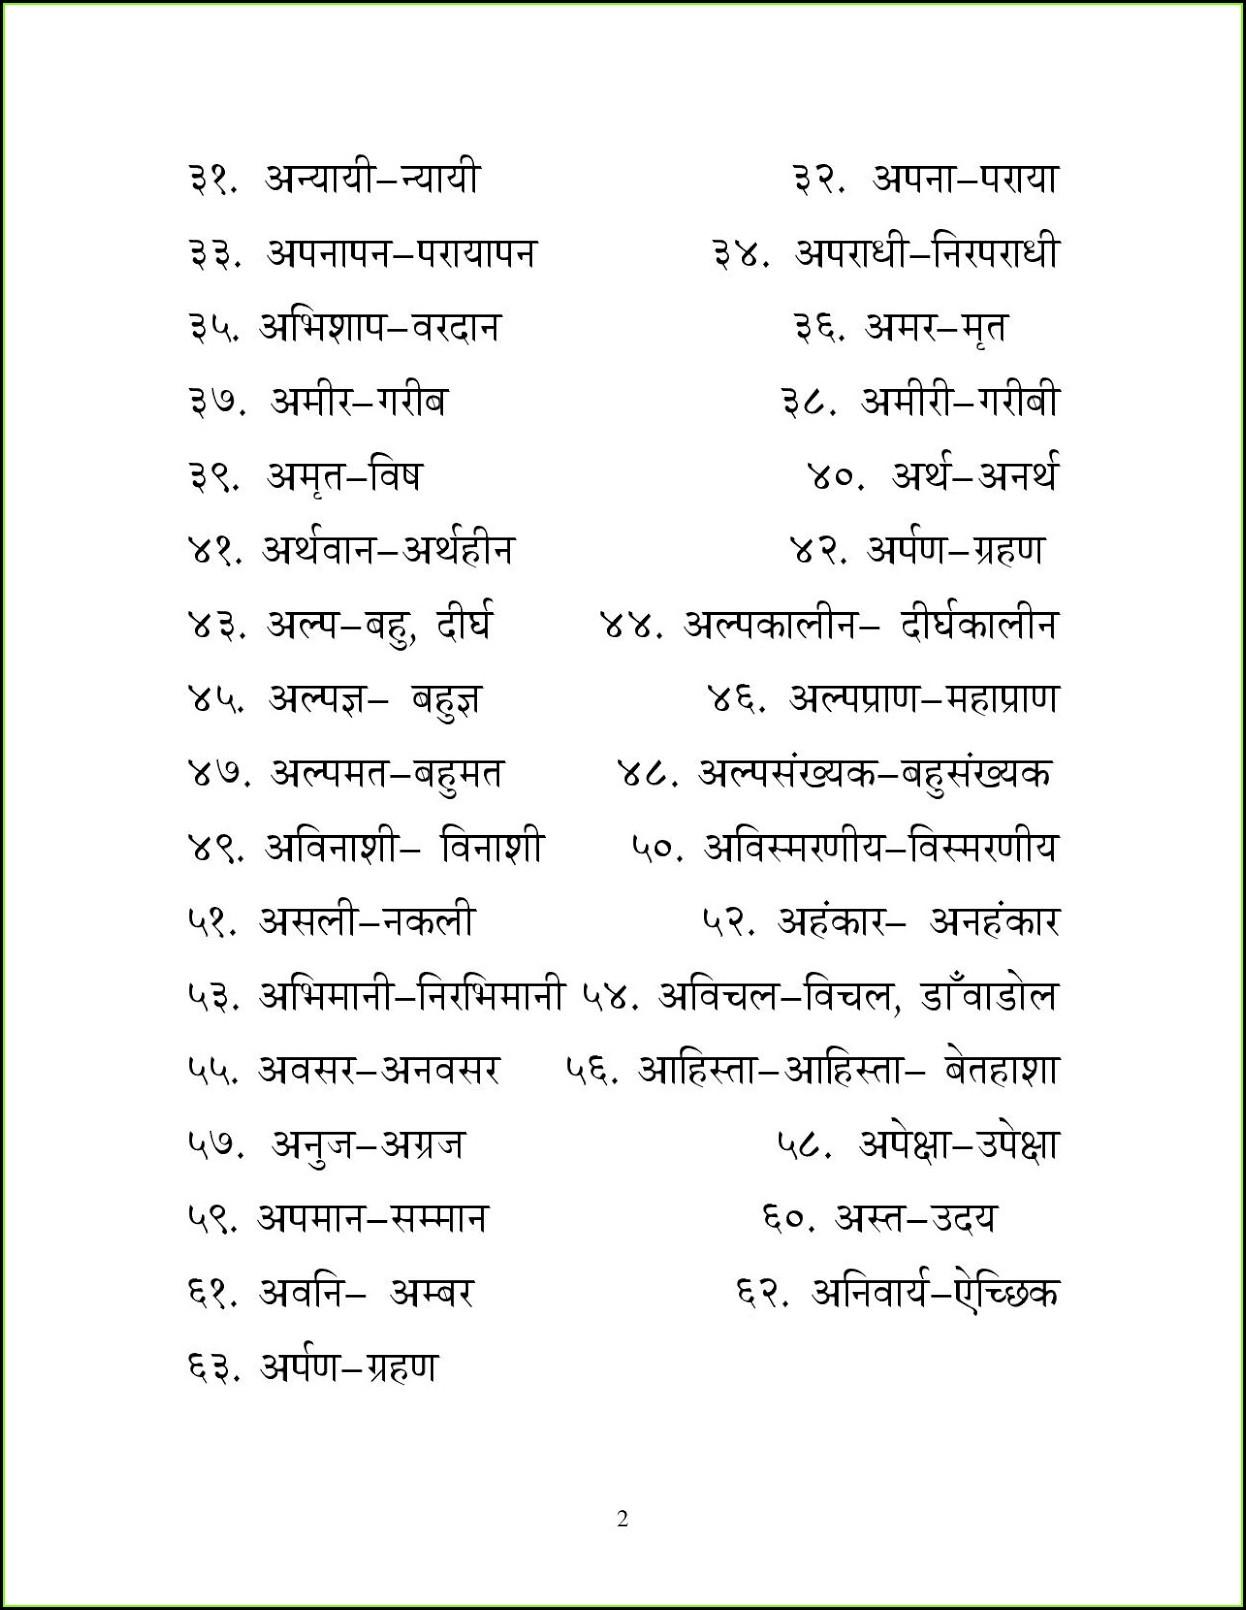 Hindi Ling Badlo Worksheet For Class 5